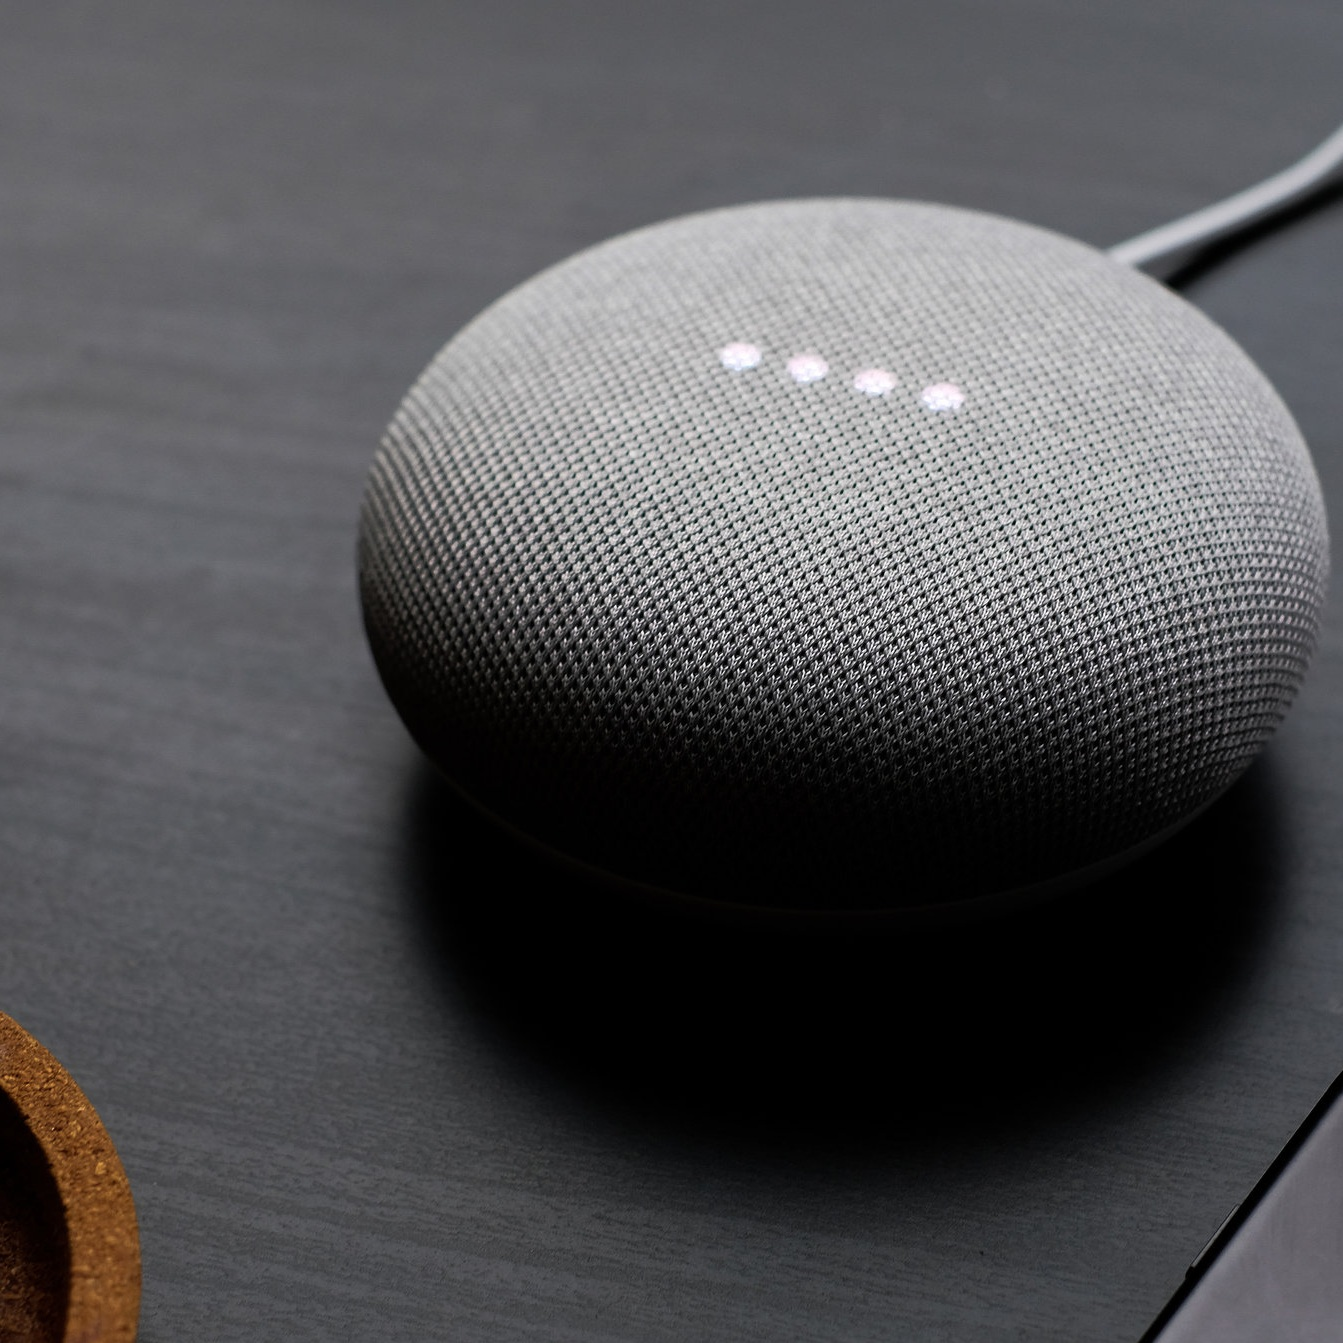 Google Home smart speaker